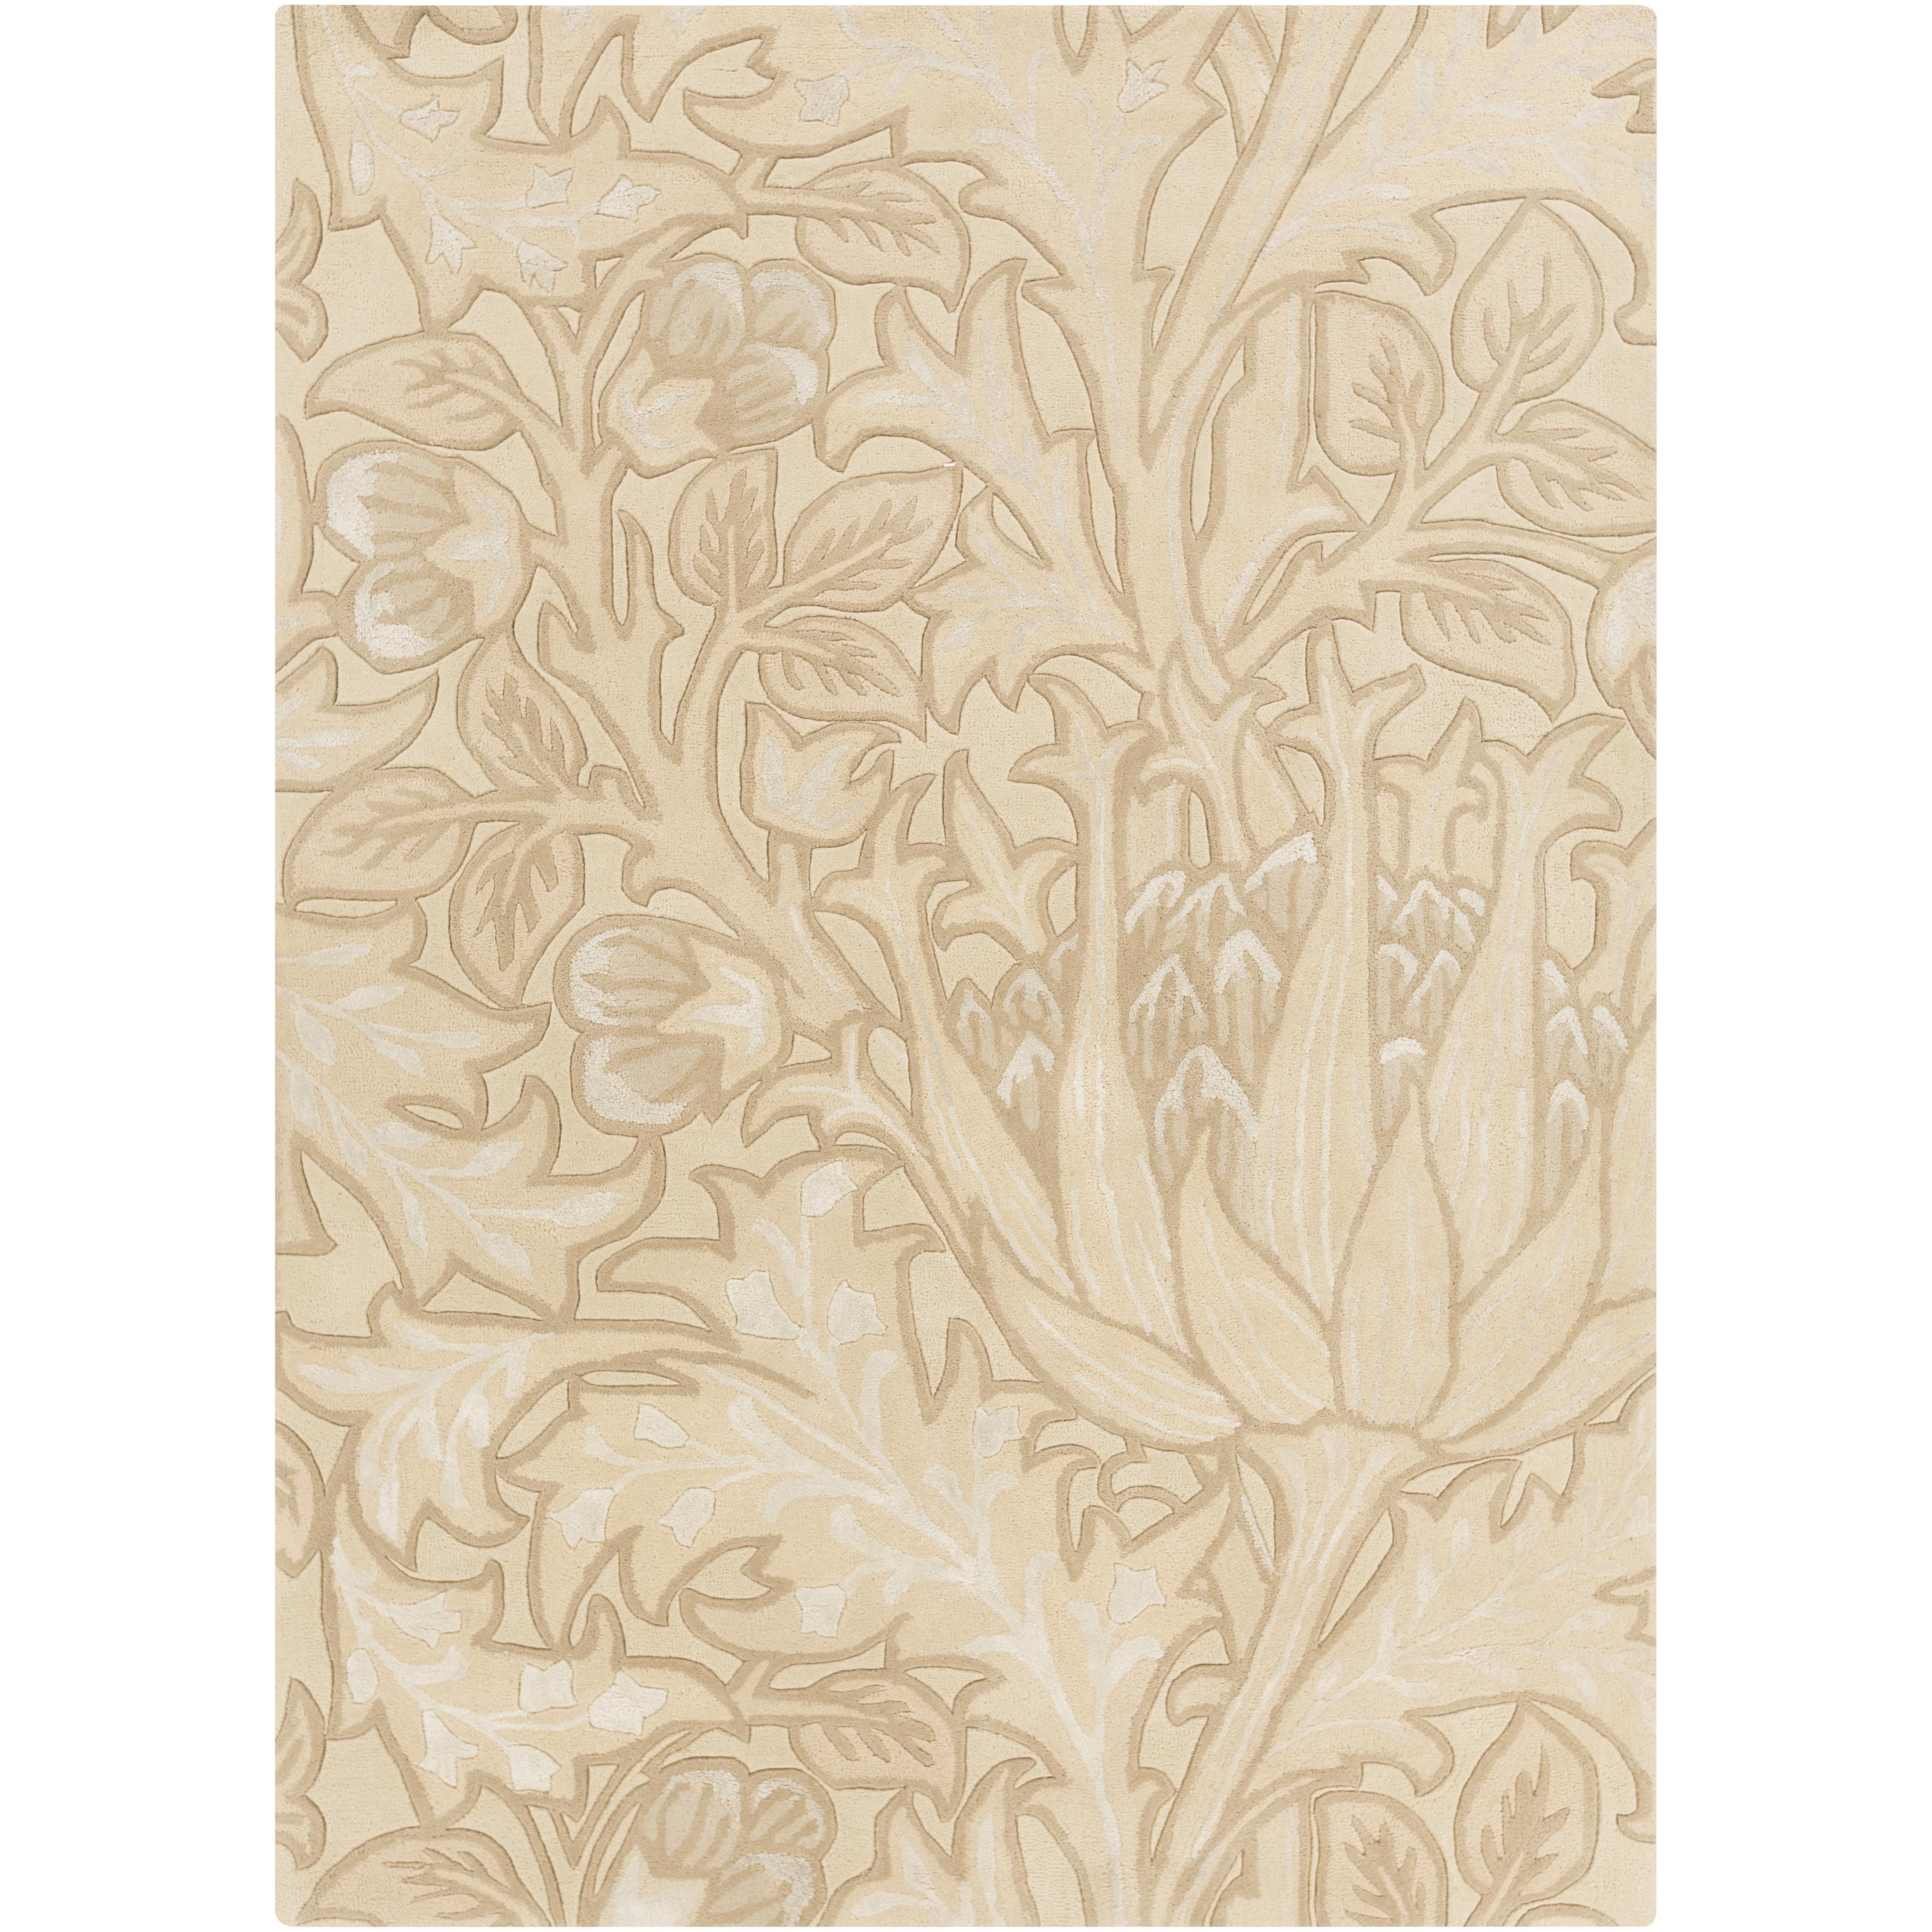 Surya Rugs William Morris 5' x 8' - Item Number: WLM3002-58